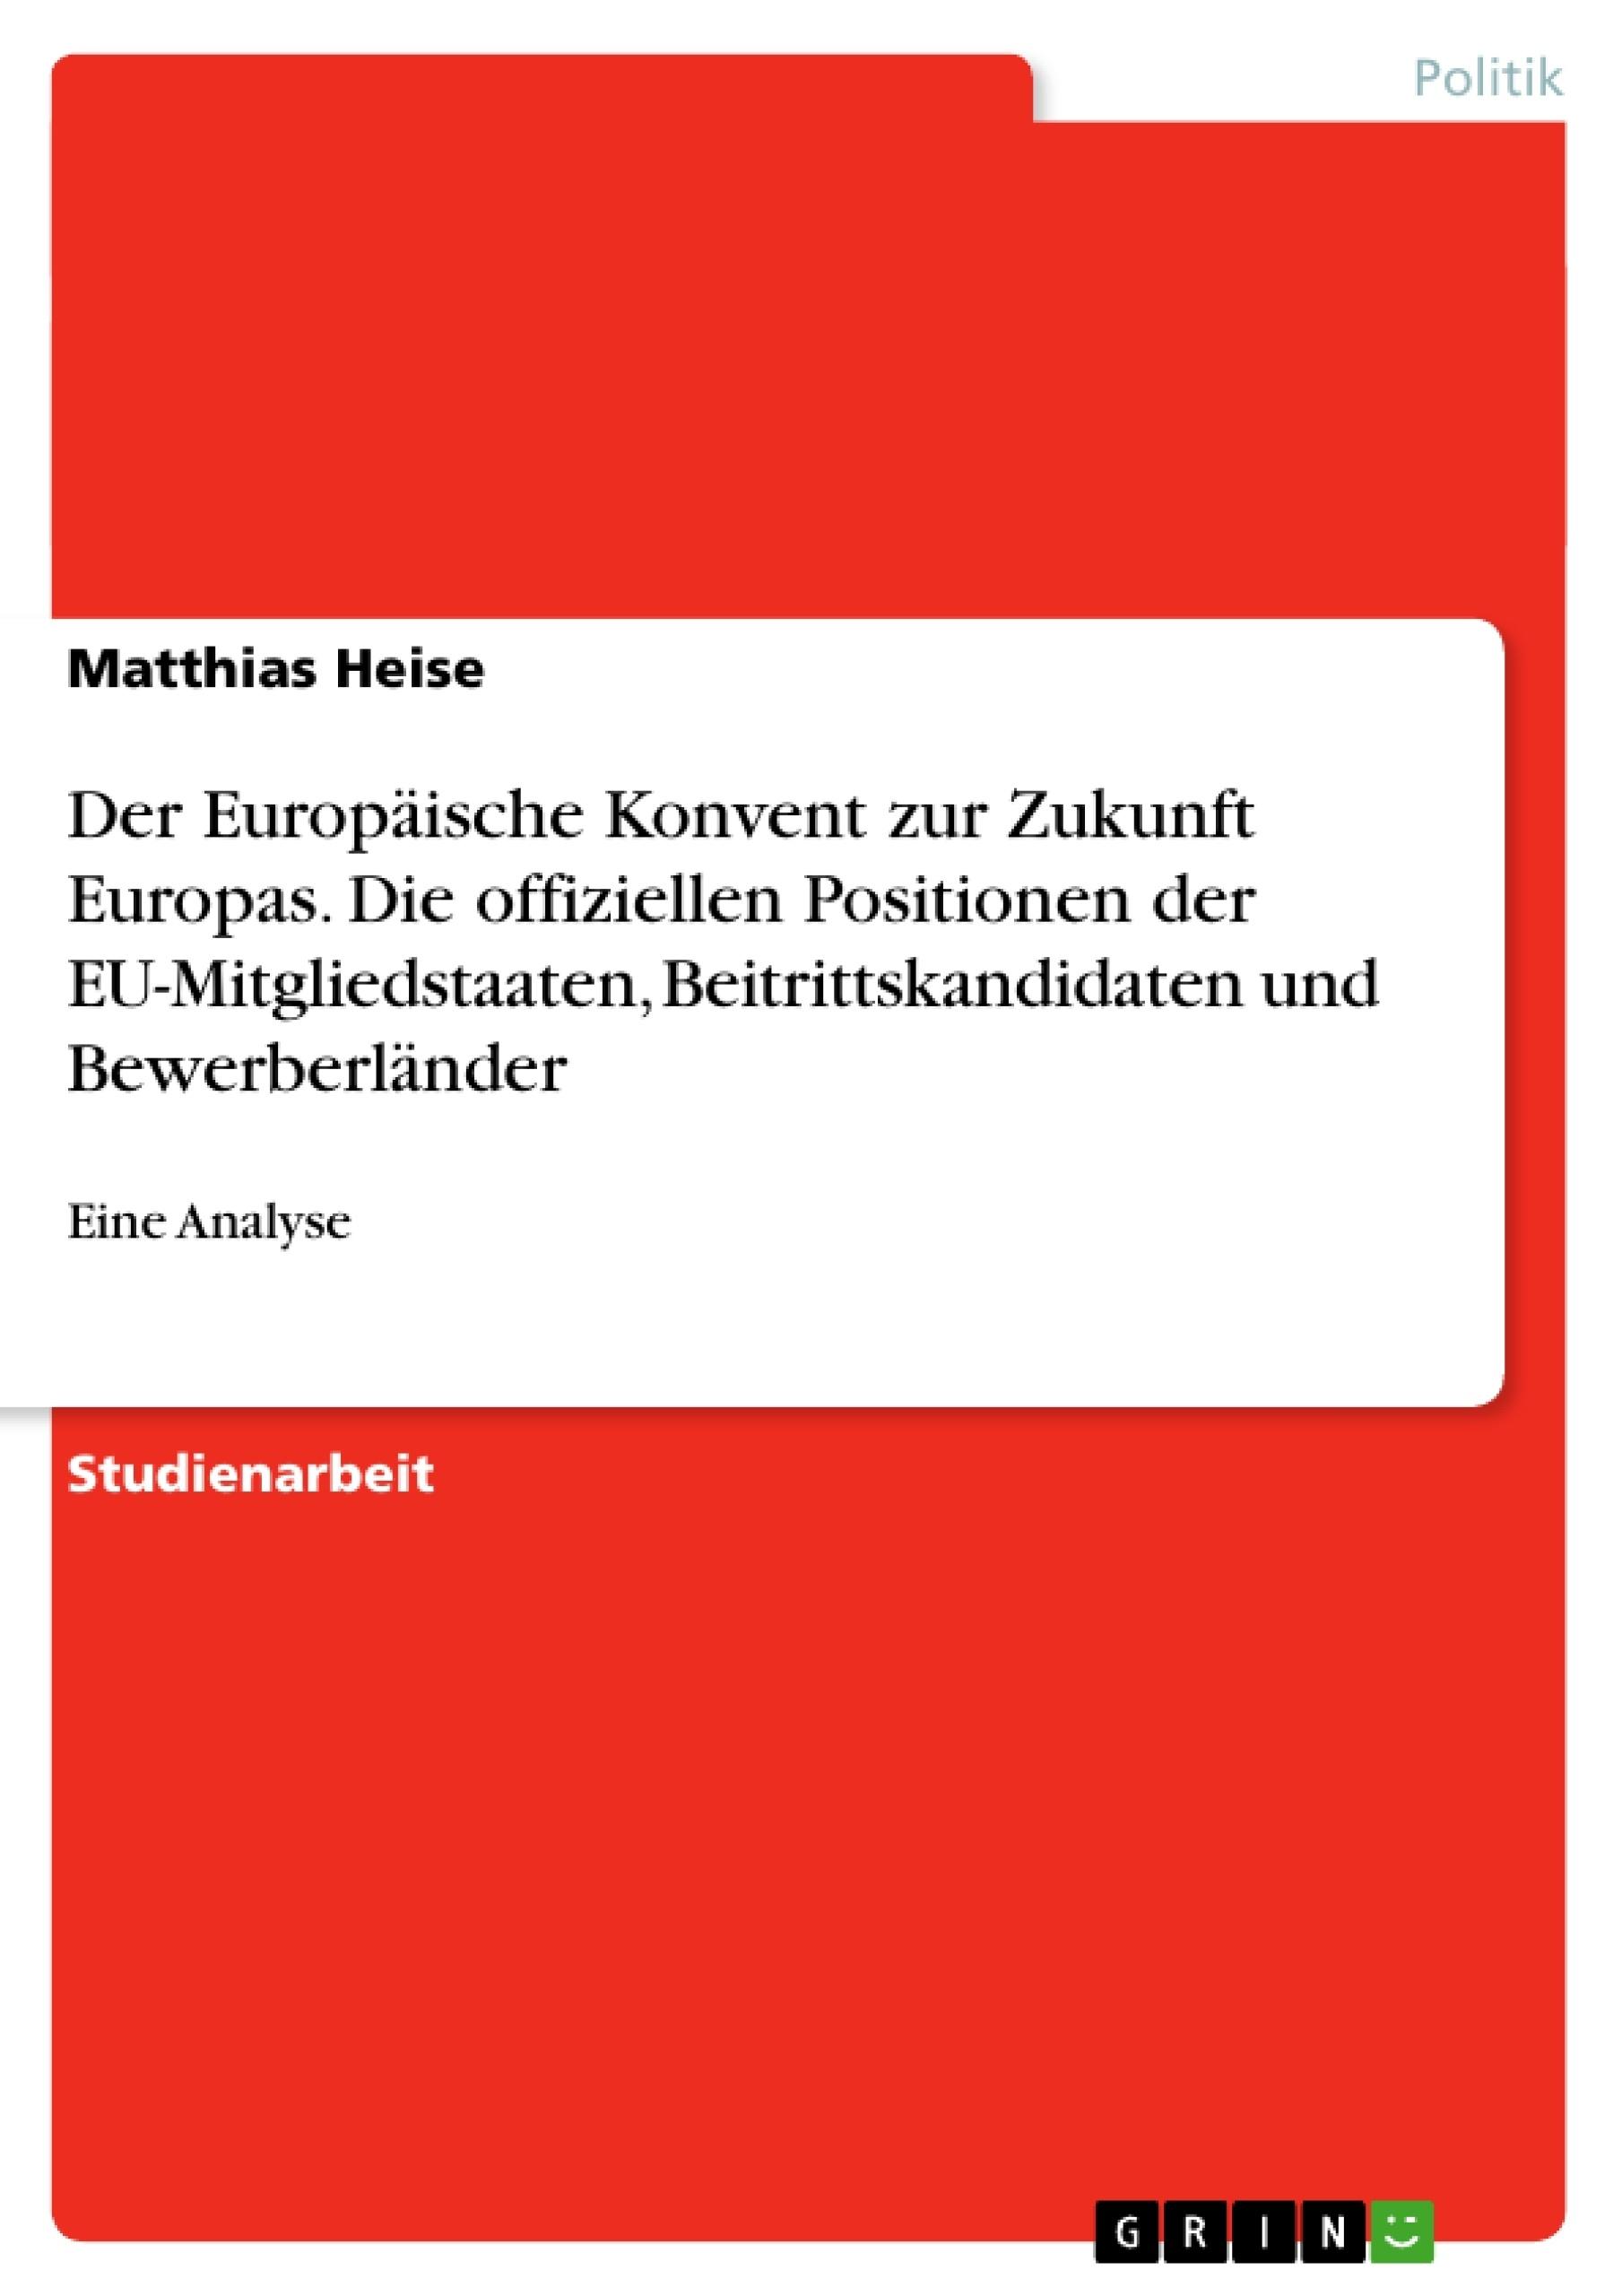 Titel: Der Europäische Konvent zur Zukunft Europas. Die offiziellen Positionen der EU-Mitgliedstaaten, Beitrittskandidaten und Bewerberländer